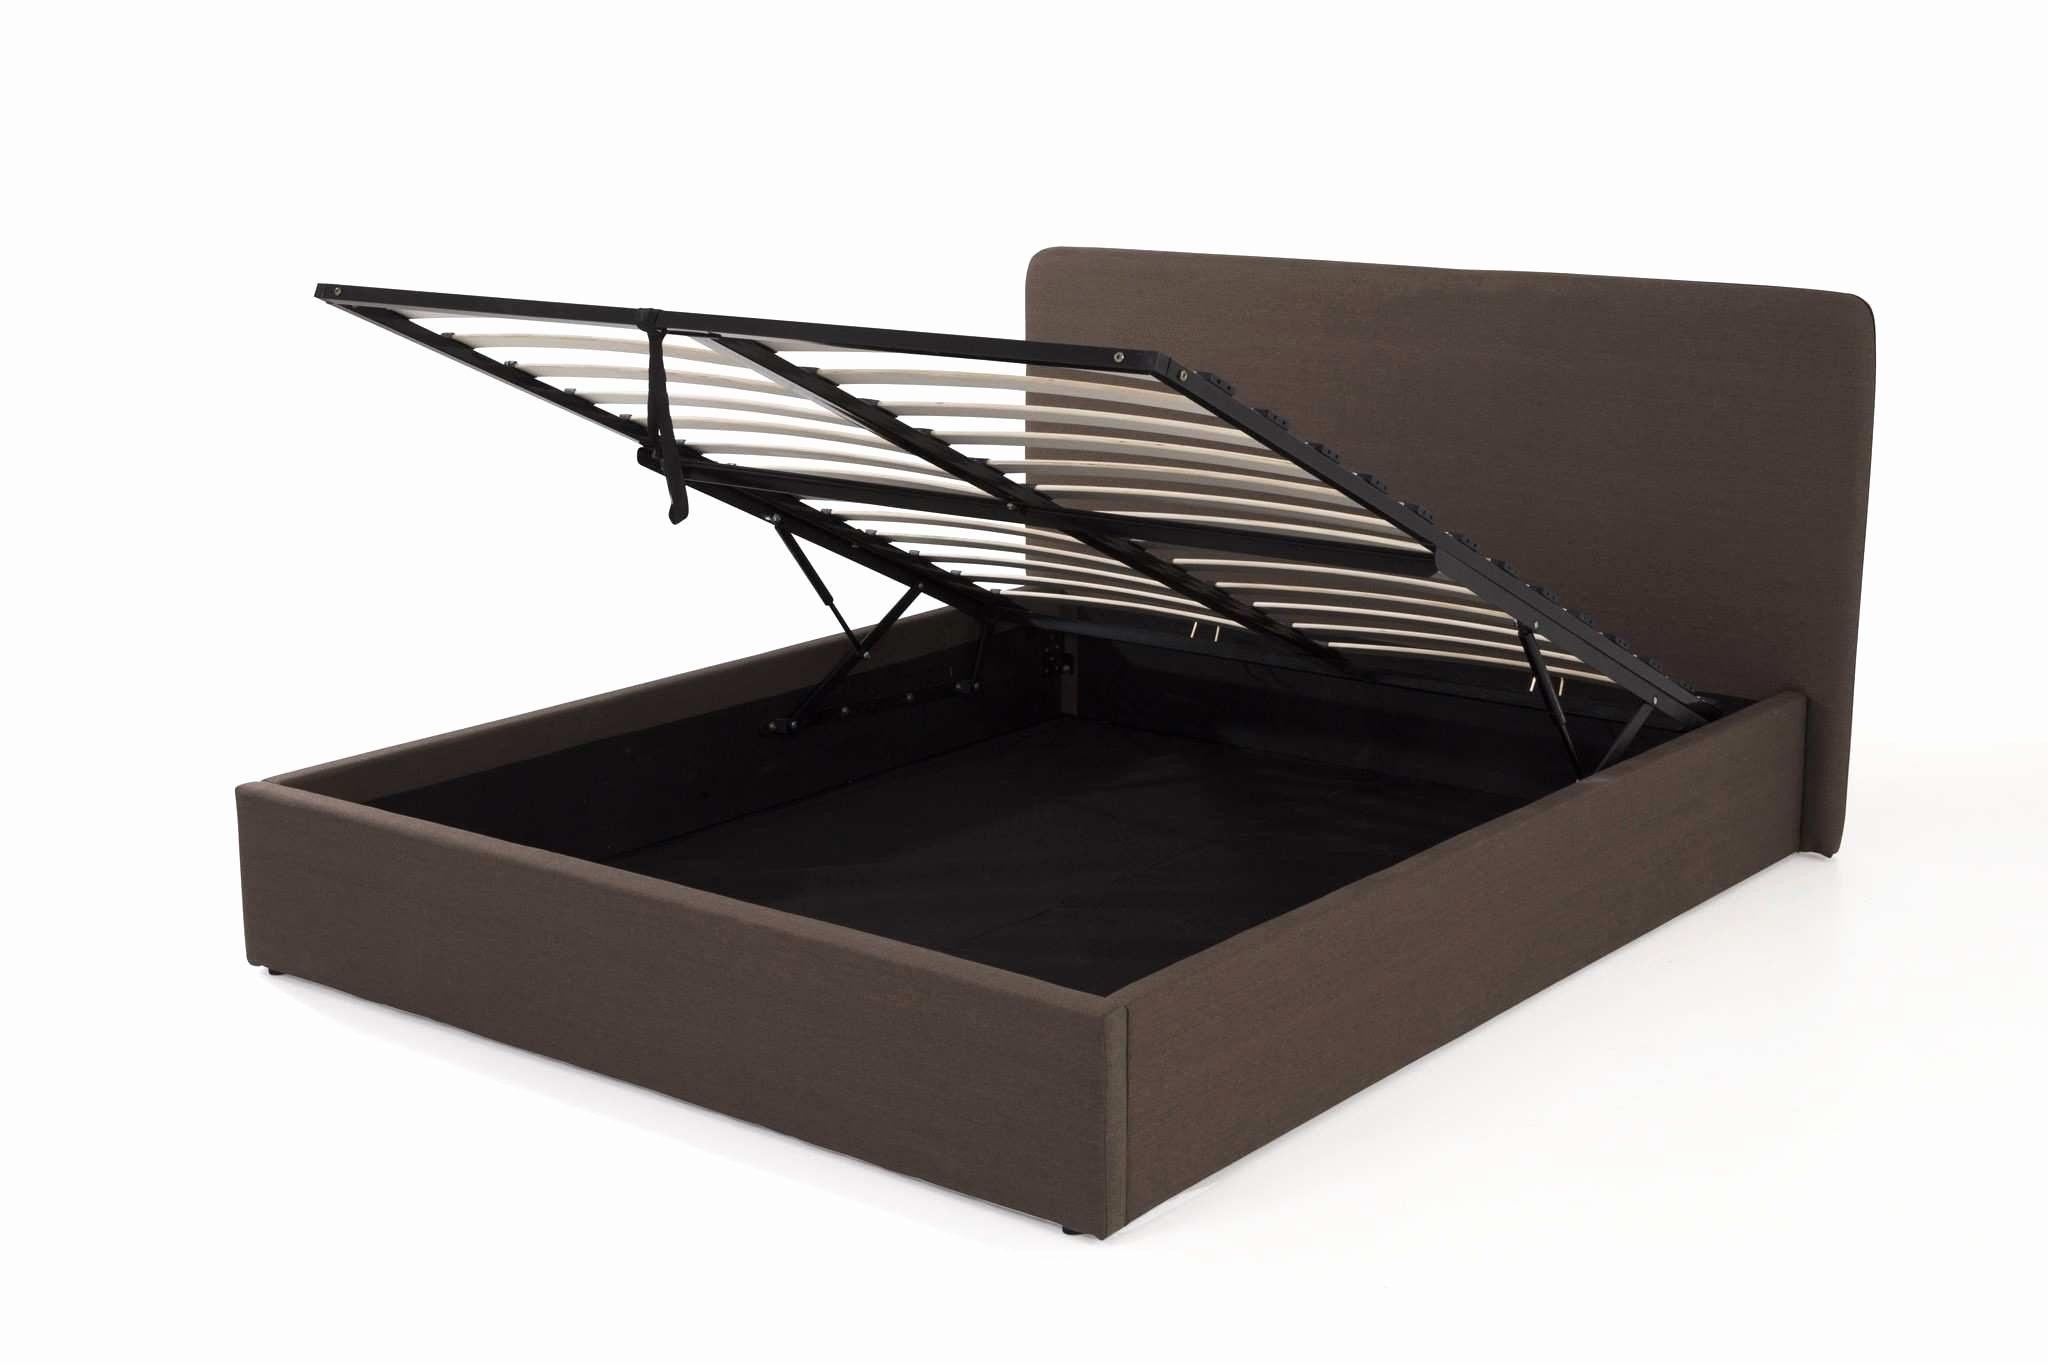 Sommier Lit 160×200 Inspiré Lit 160—200 Gris Beau Cadre De Lit Haut 160—200 Ikea Lit Malm 160